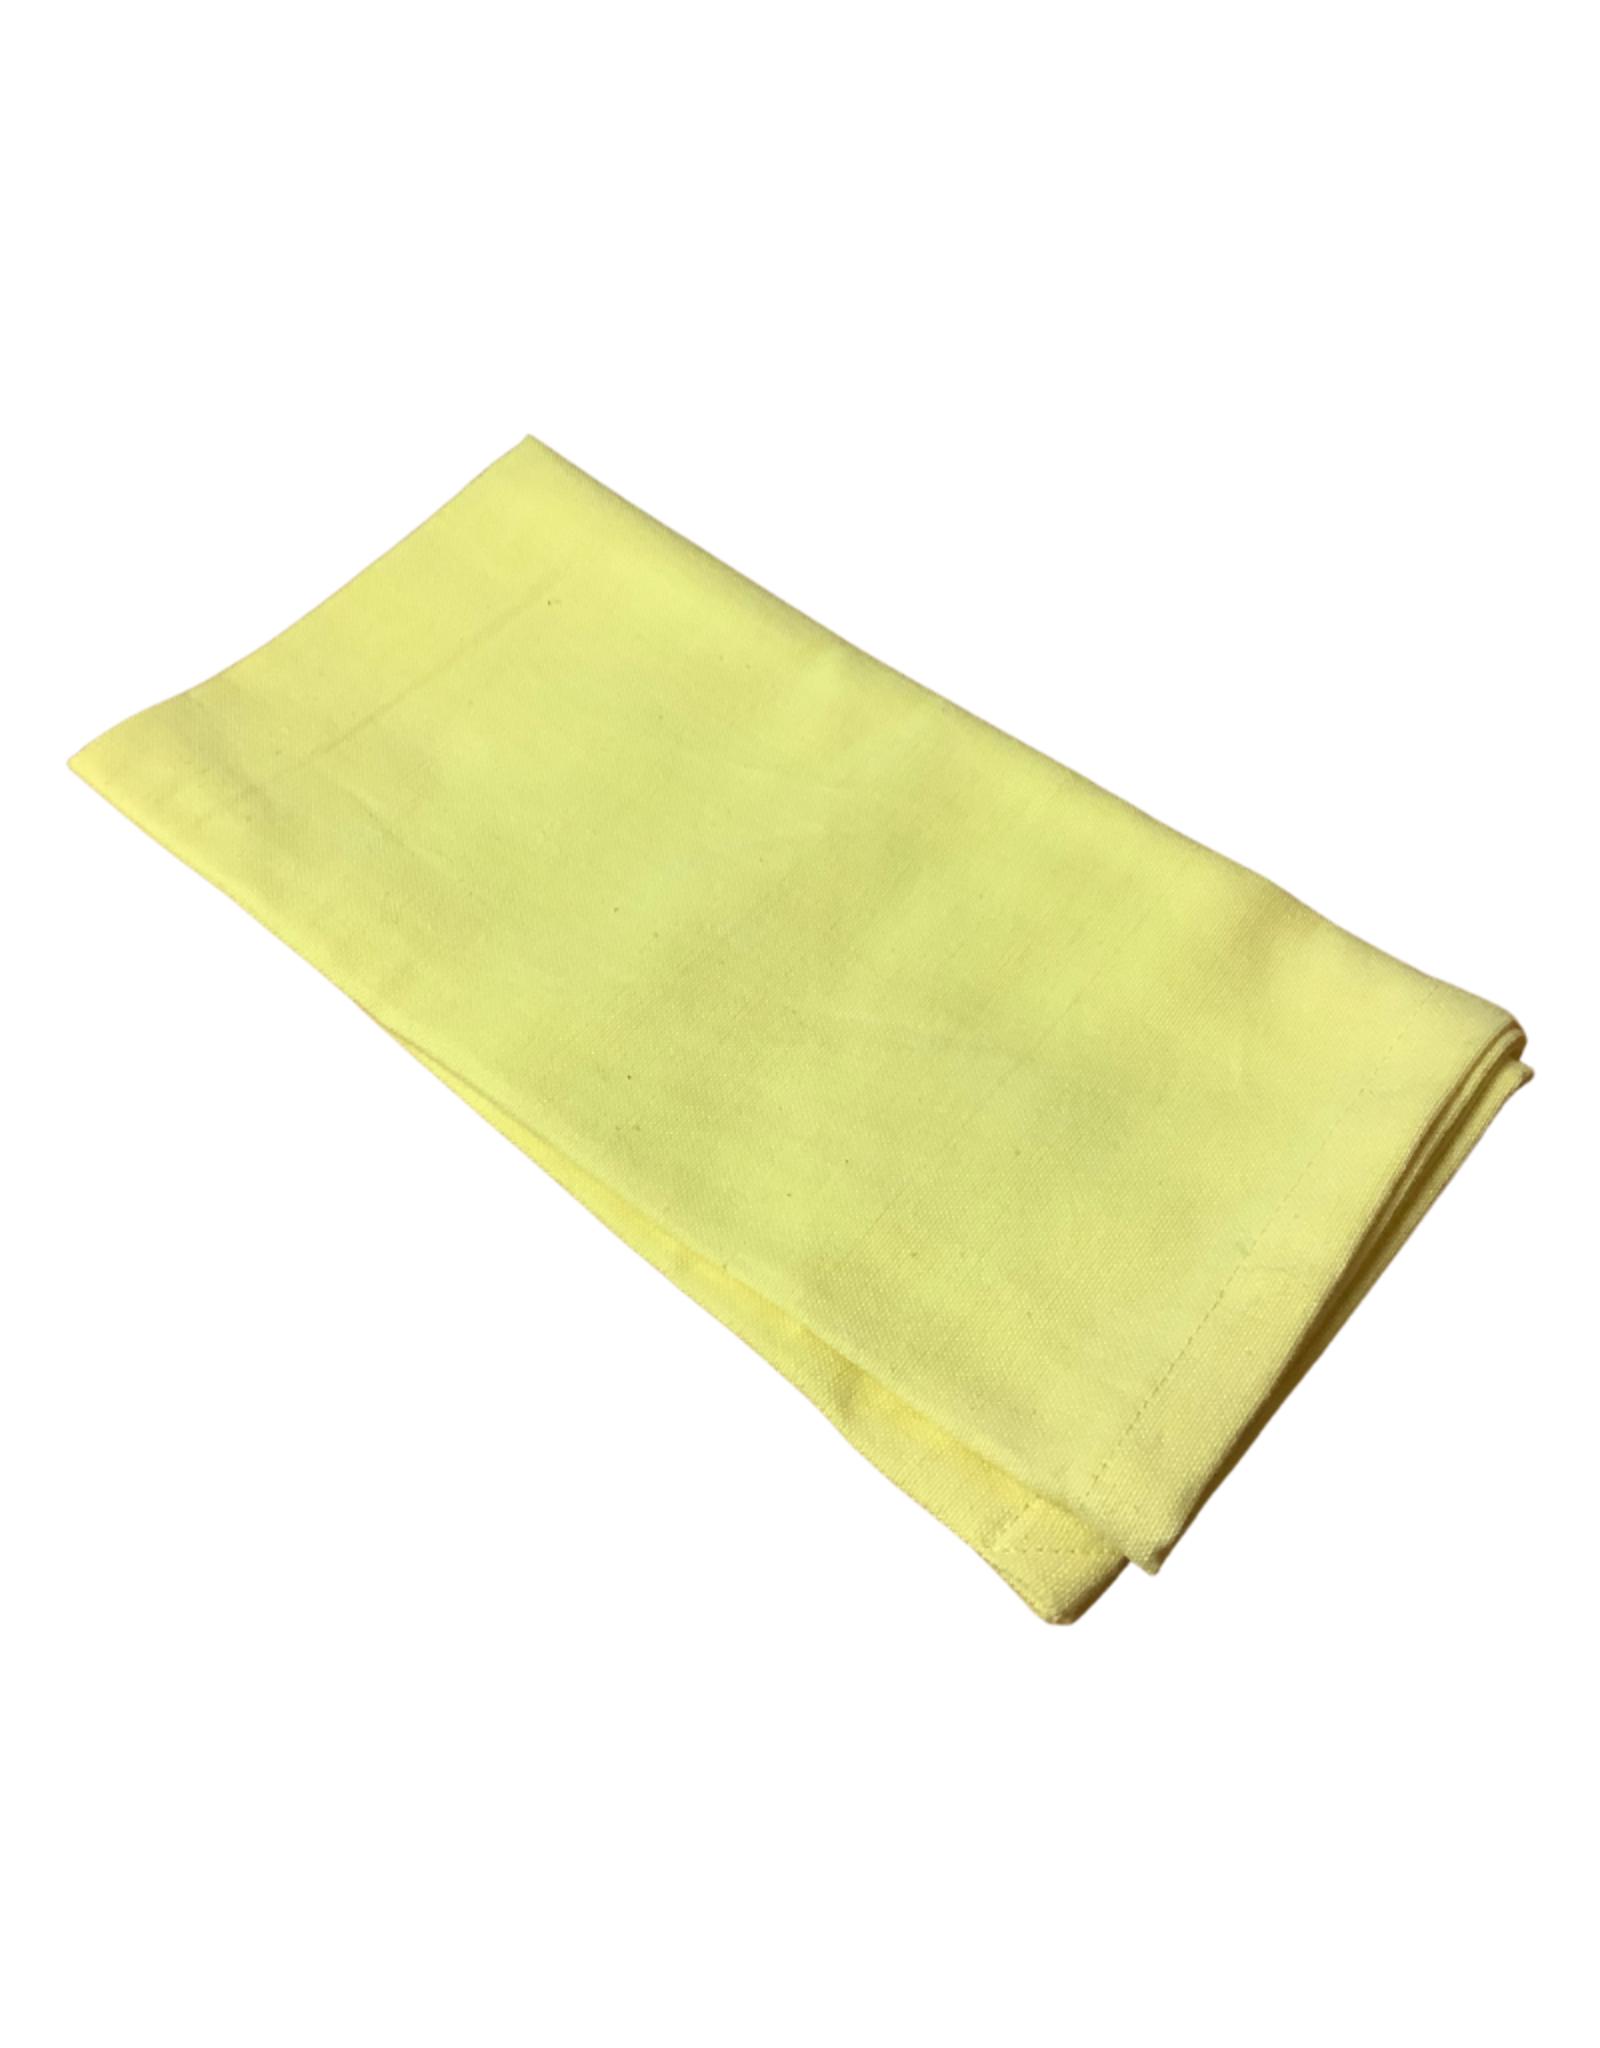 Soft Yellow Cotton Napkin